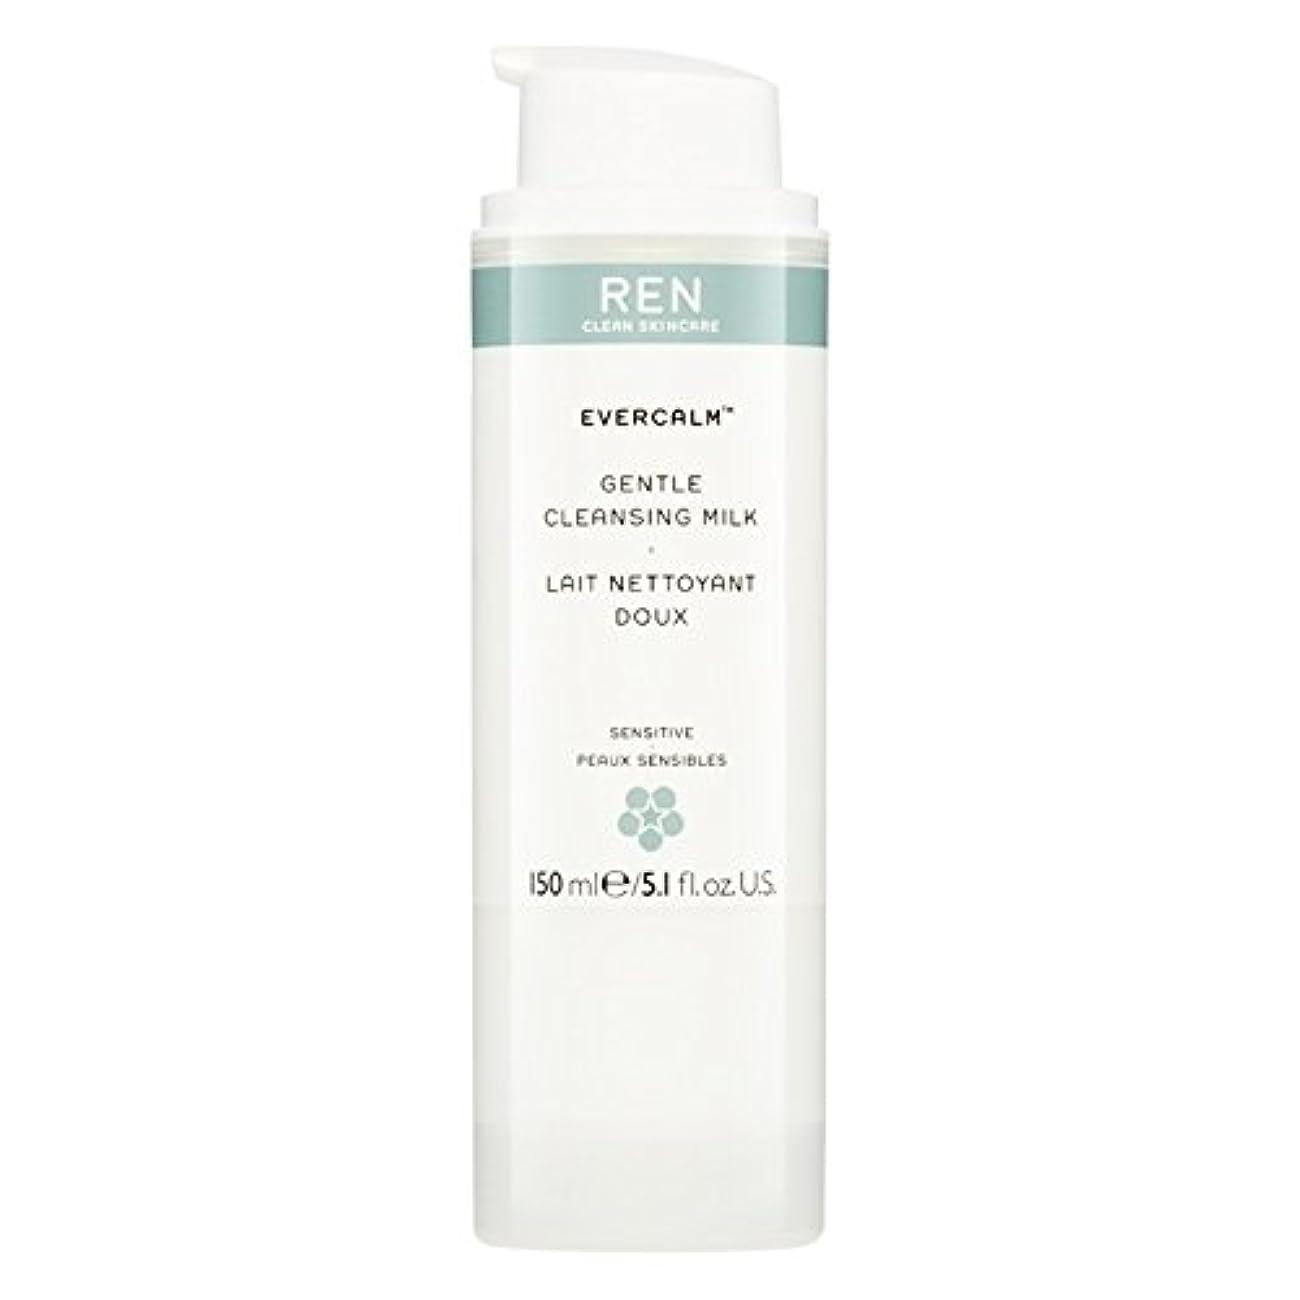 にんじん入浴政府Ren Evercalm優しいクレンジングミルク、150ミリリットル (REN) (x2) - REN Evercalm Gentle Cleansing Milk, 150ml (Pack of 2) [並行輸入品]